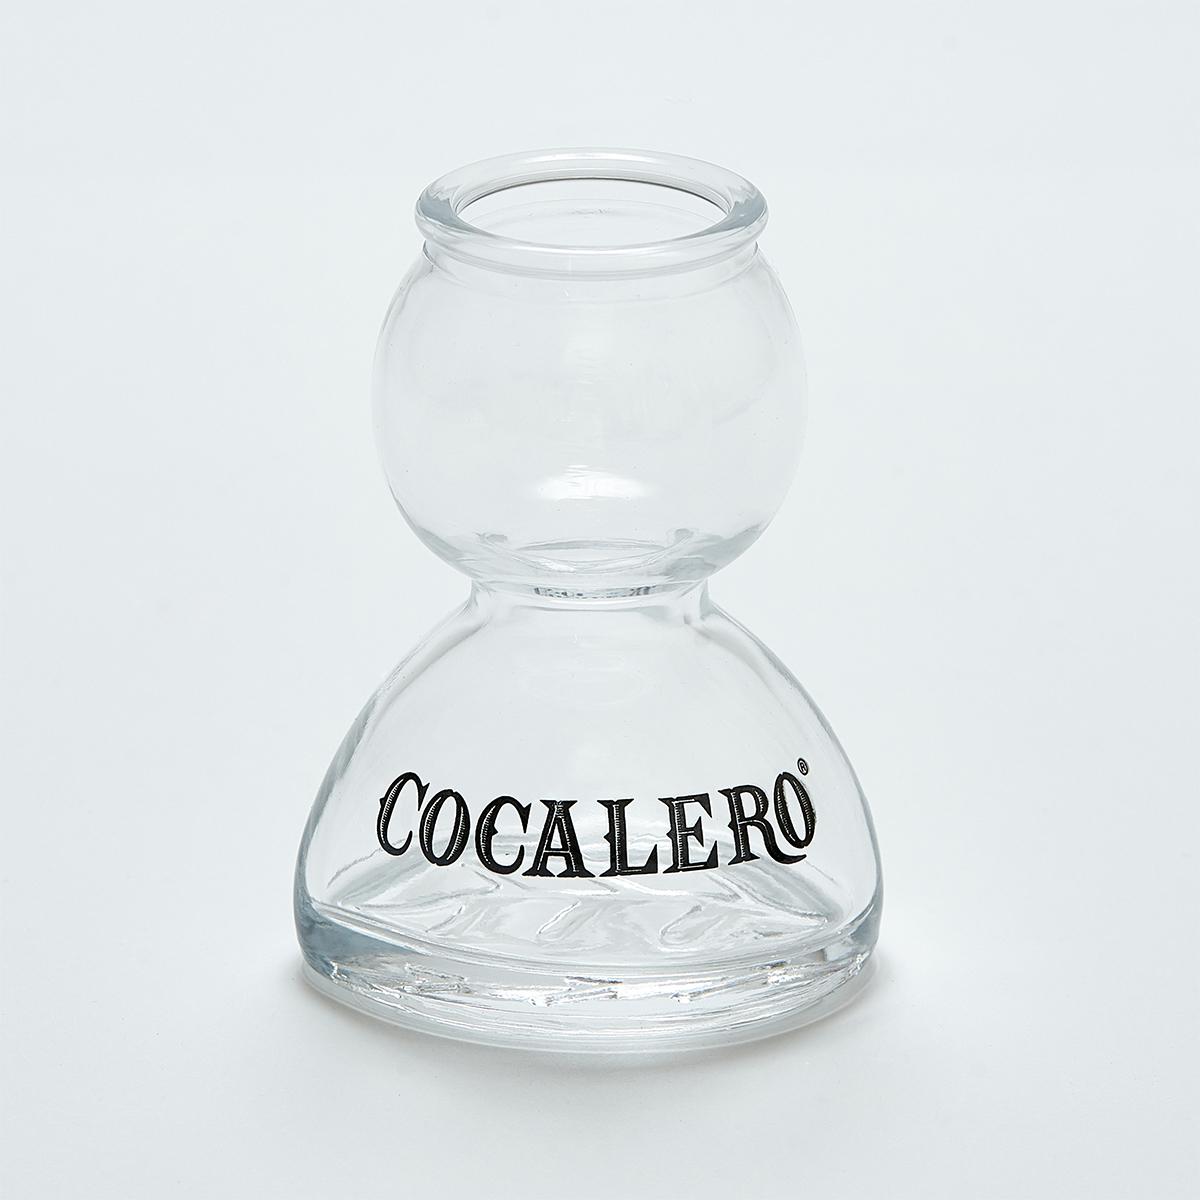 保障 コカレロの定番 当店は最高な サービスを提供します コカボムグラス ボムグラス6個セット